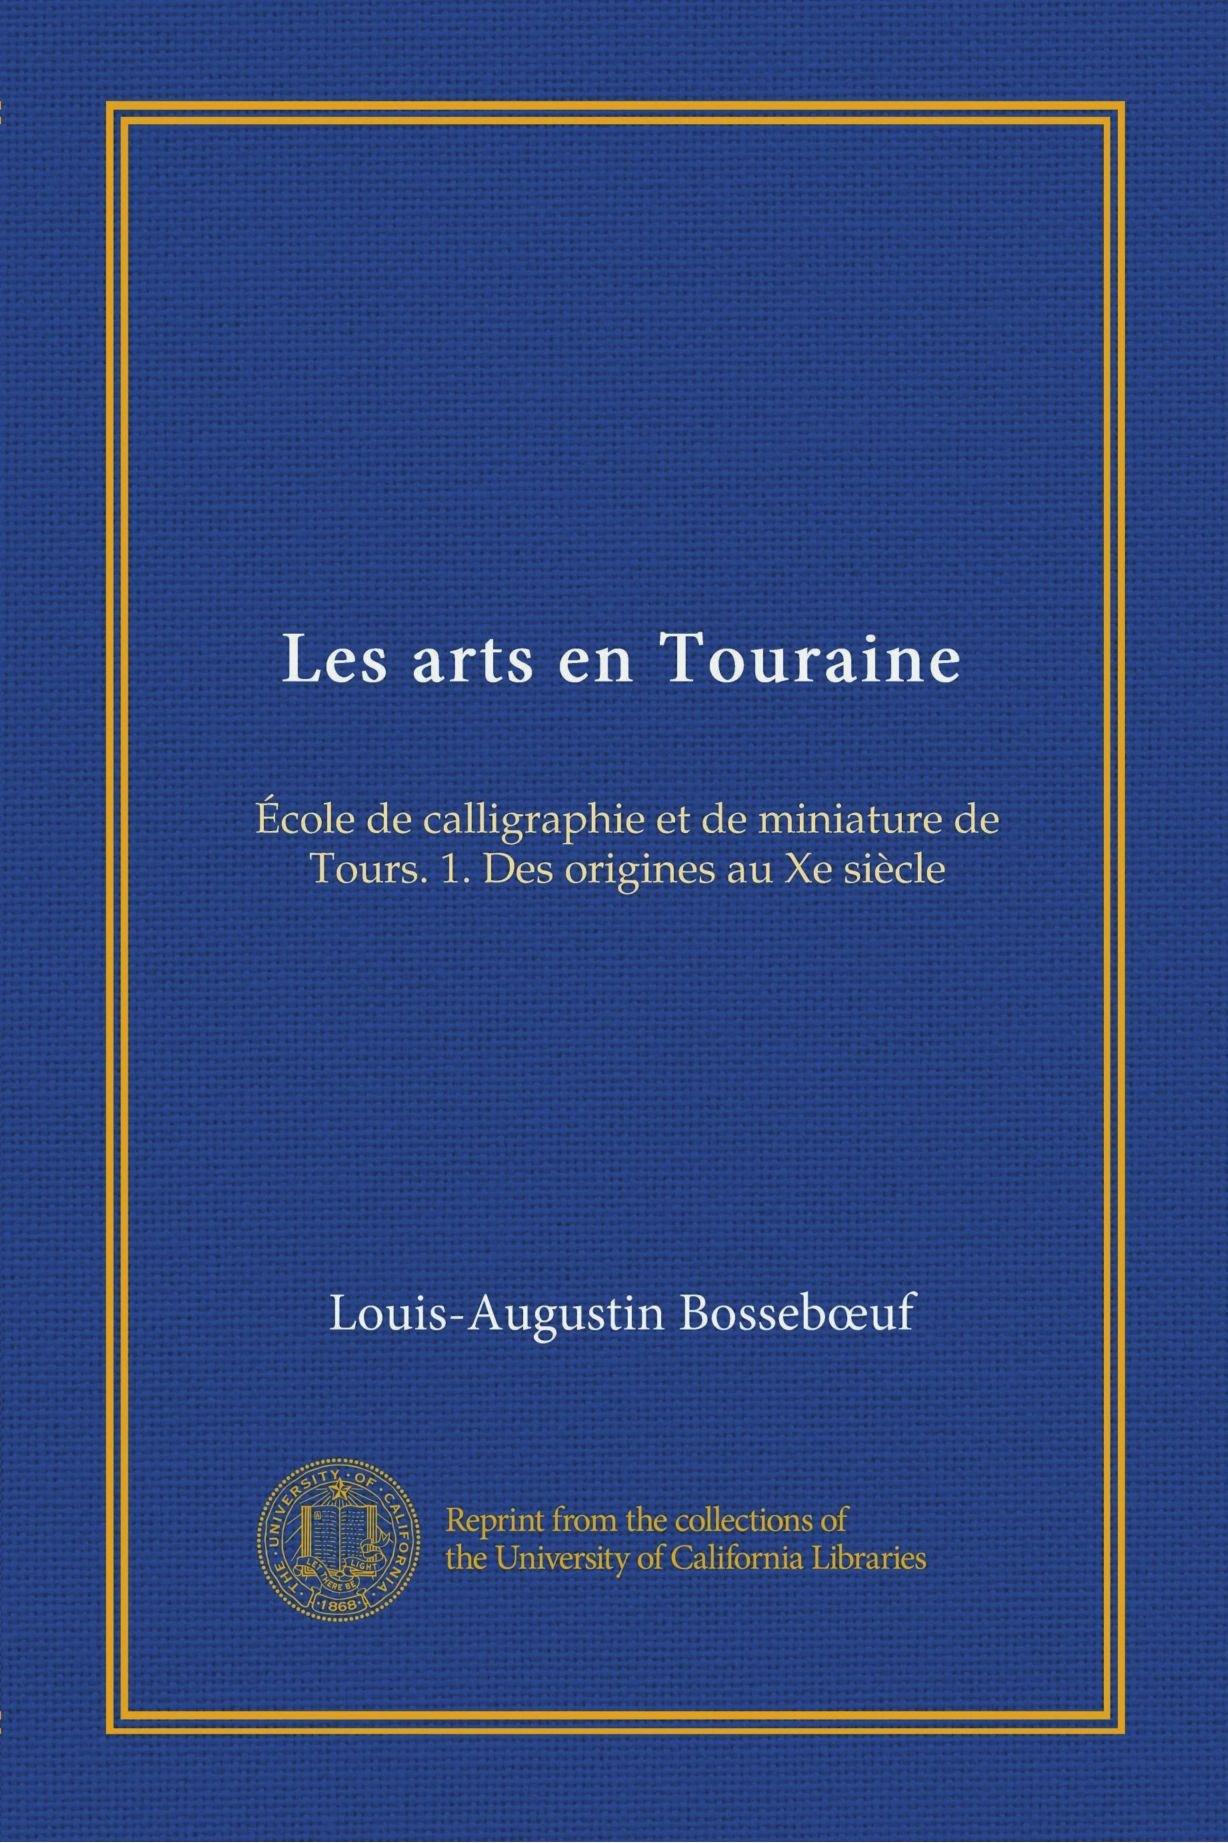 Read Online Les arts en Touraine (Vol-1): École de calligraphie et de miniature de Tours. 1. Des origines au Xe siècle (French Edition) PDF